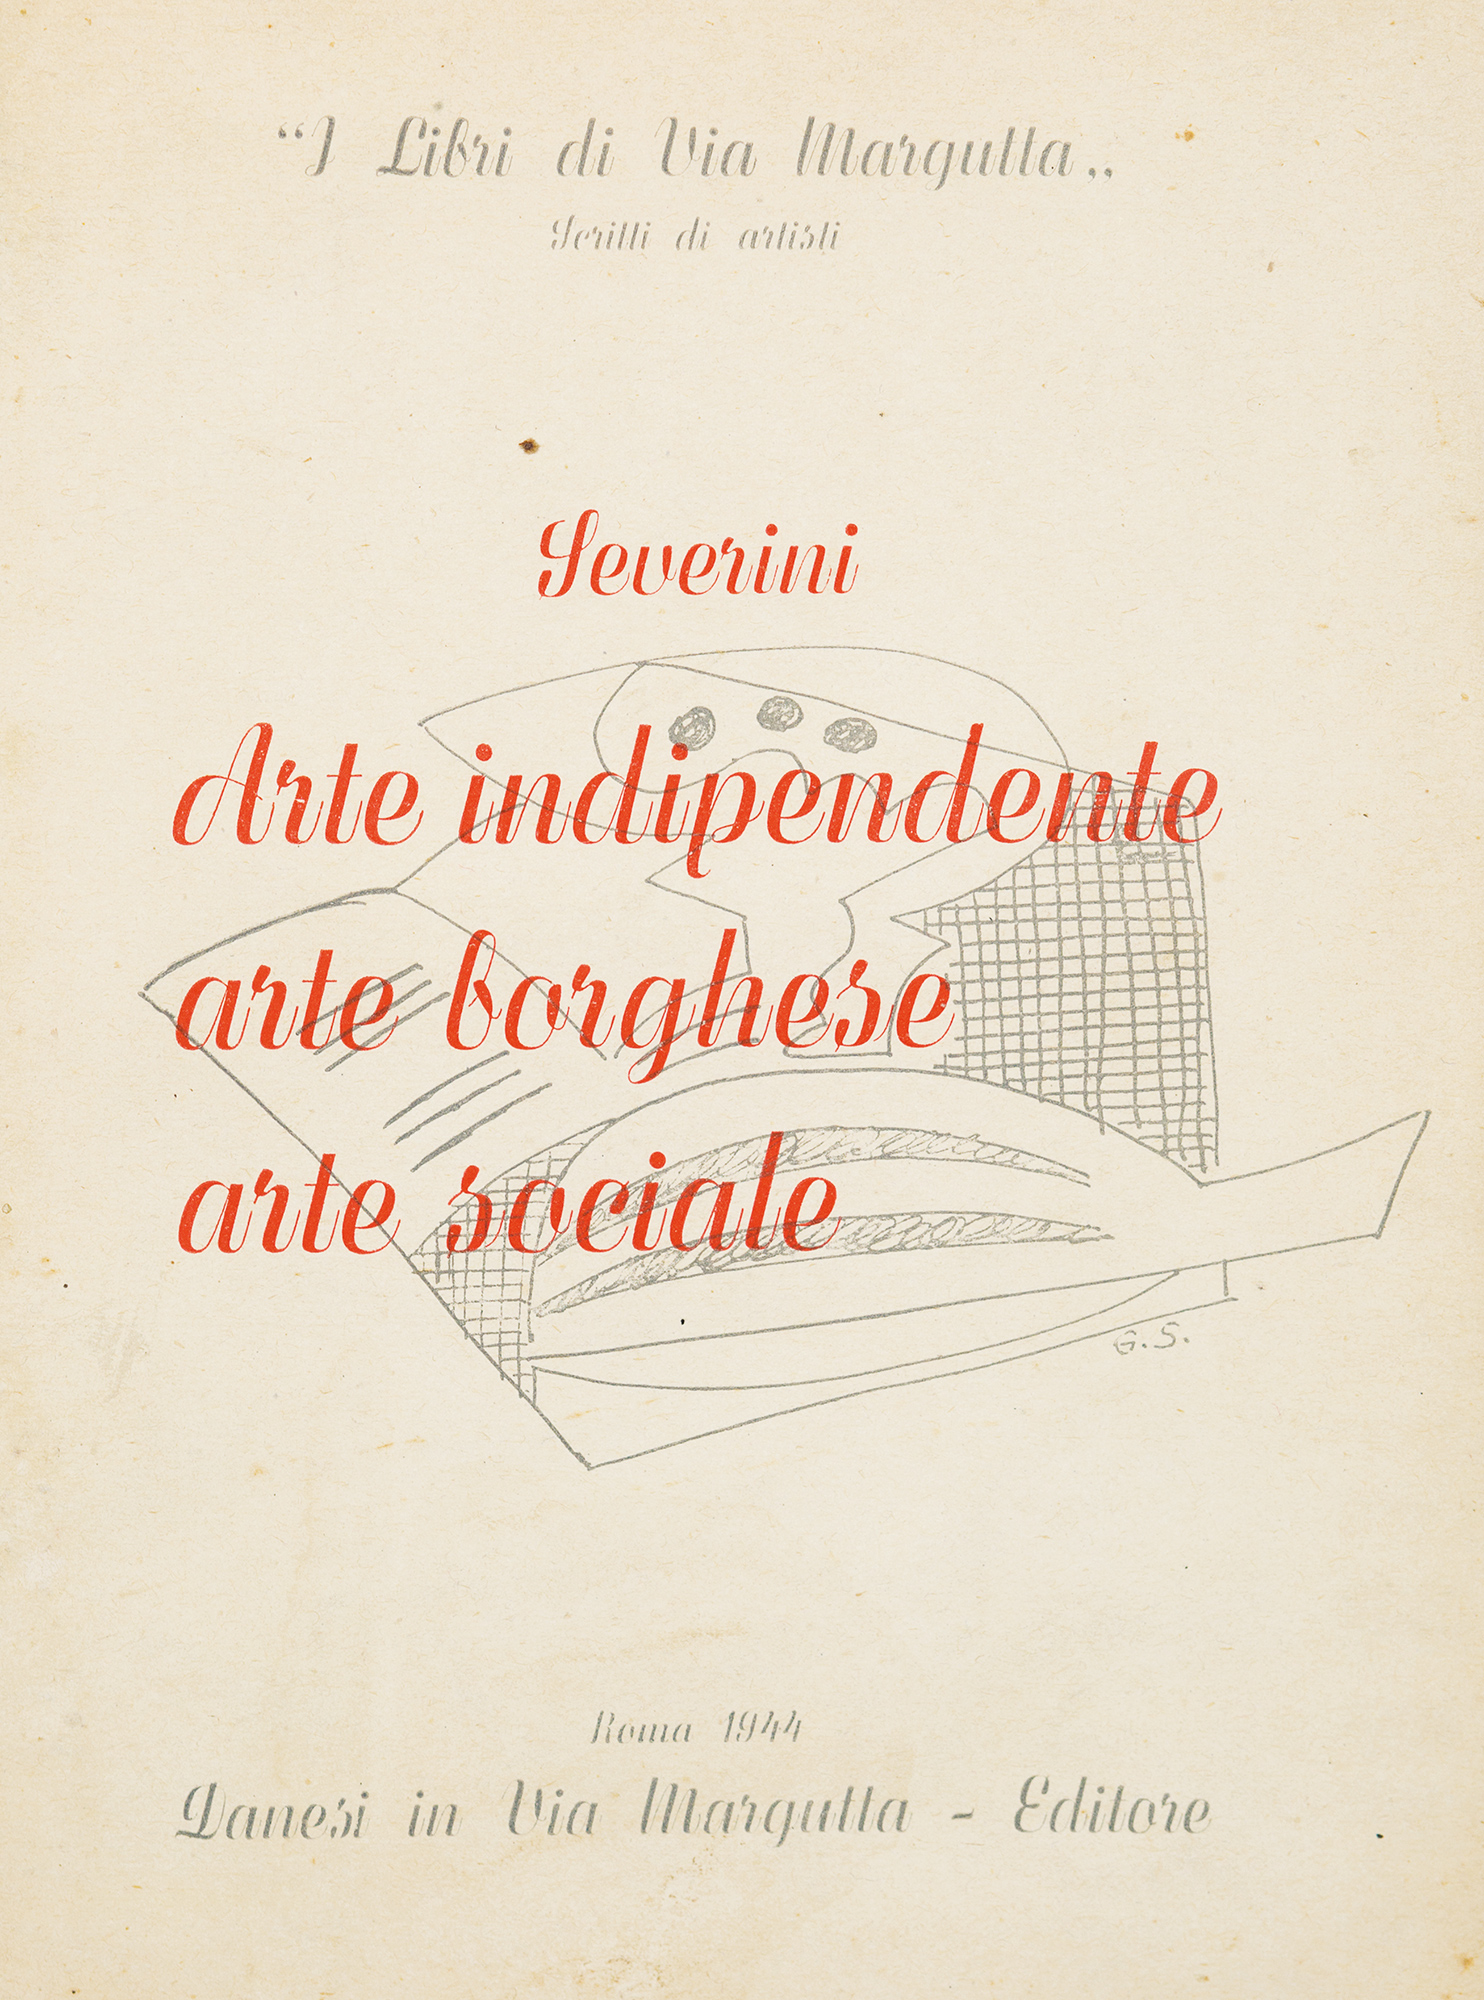 Arte indipendente arte borghese arte sociale